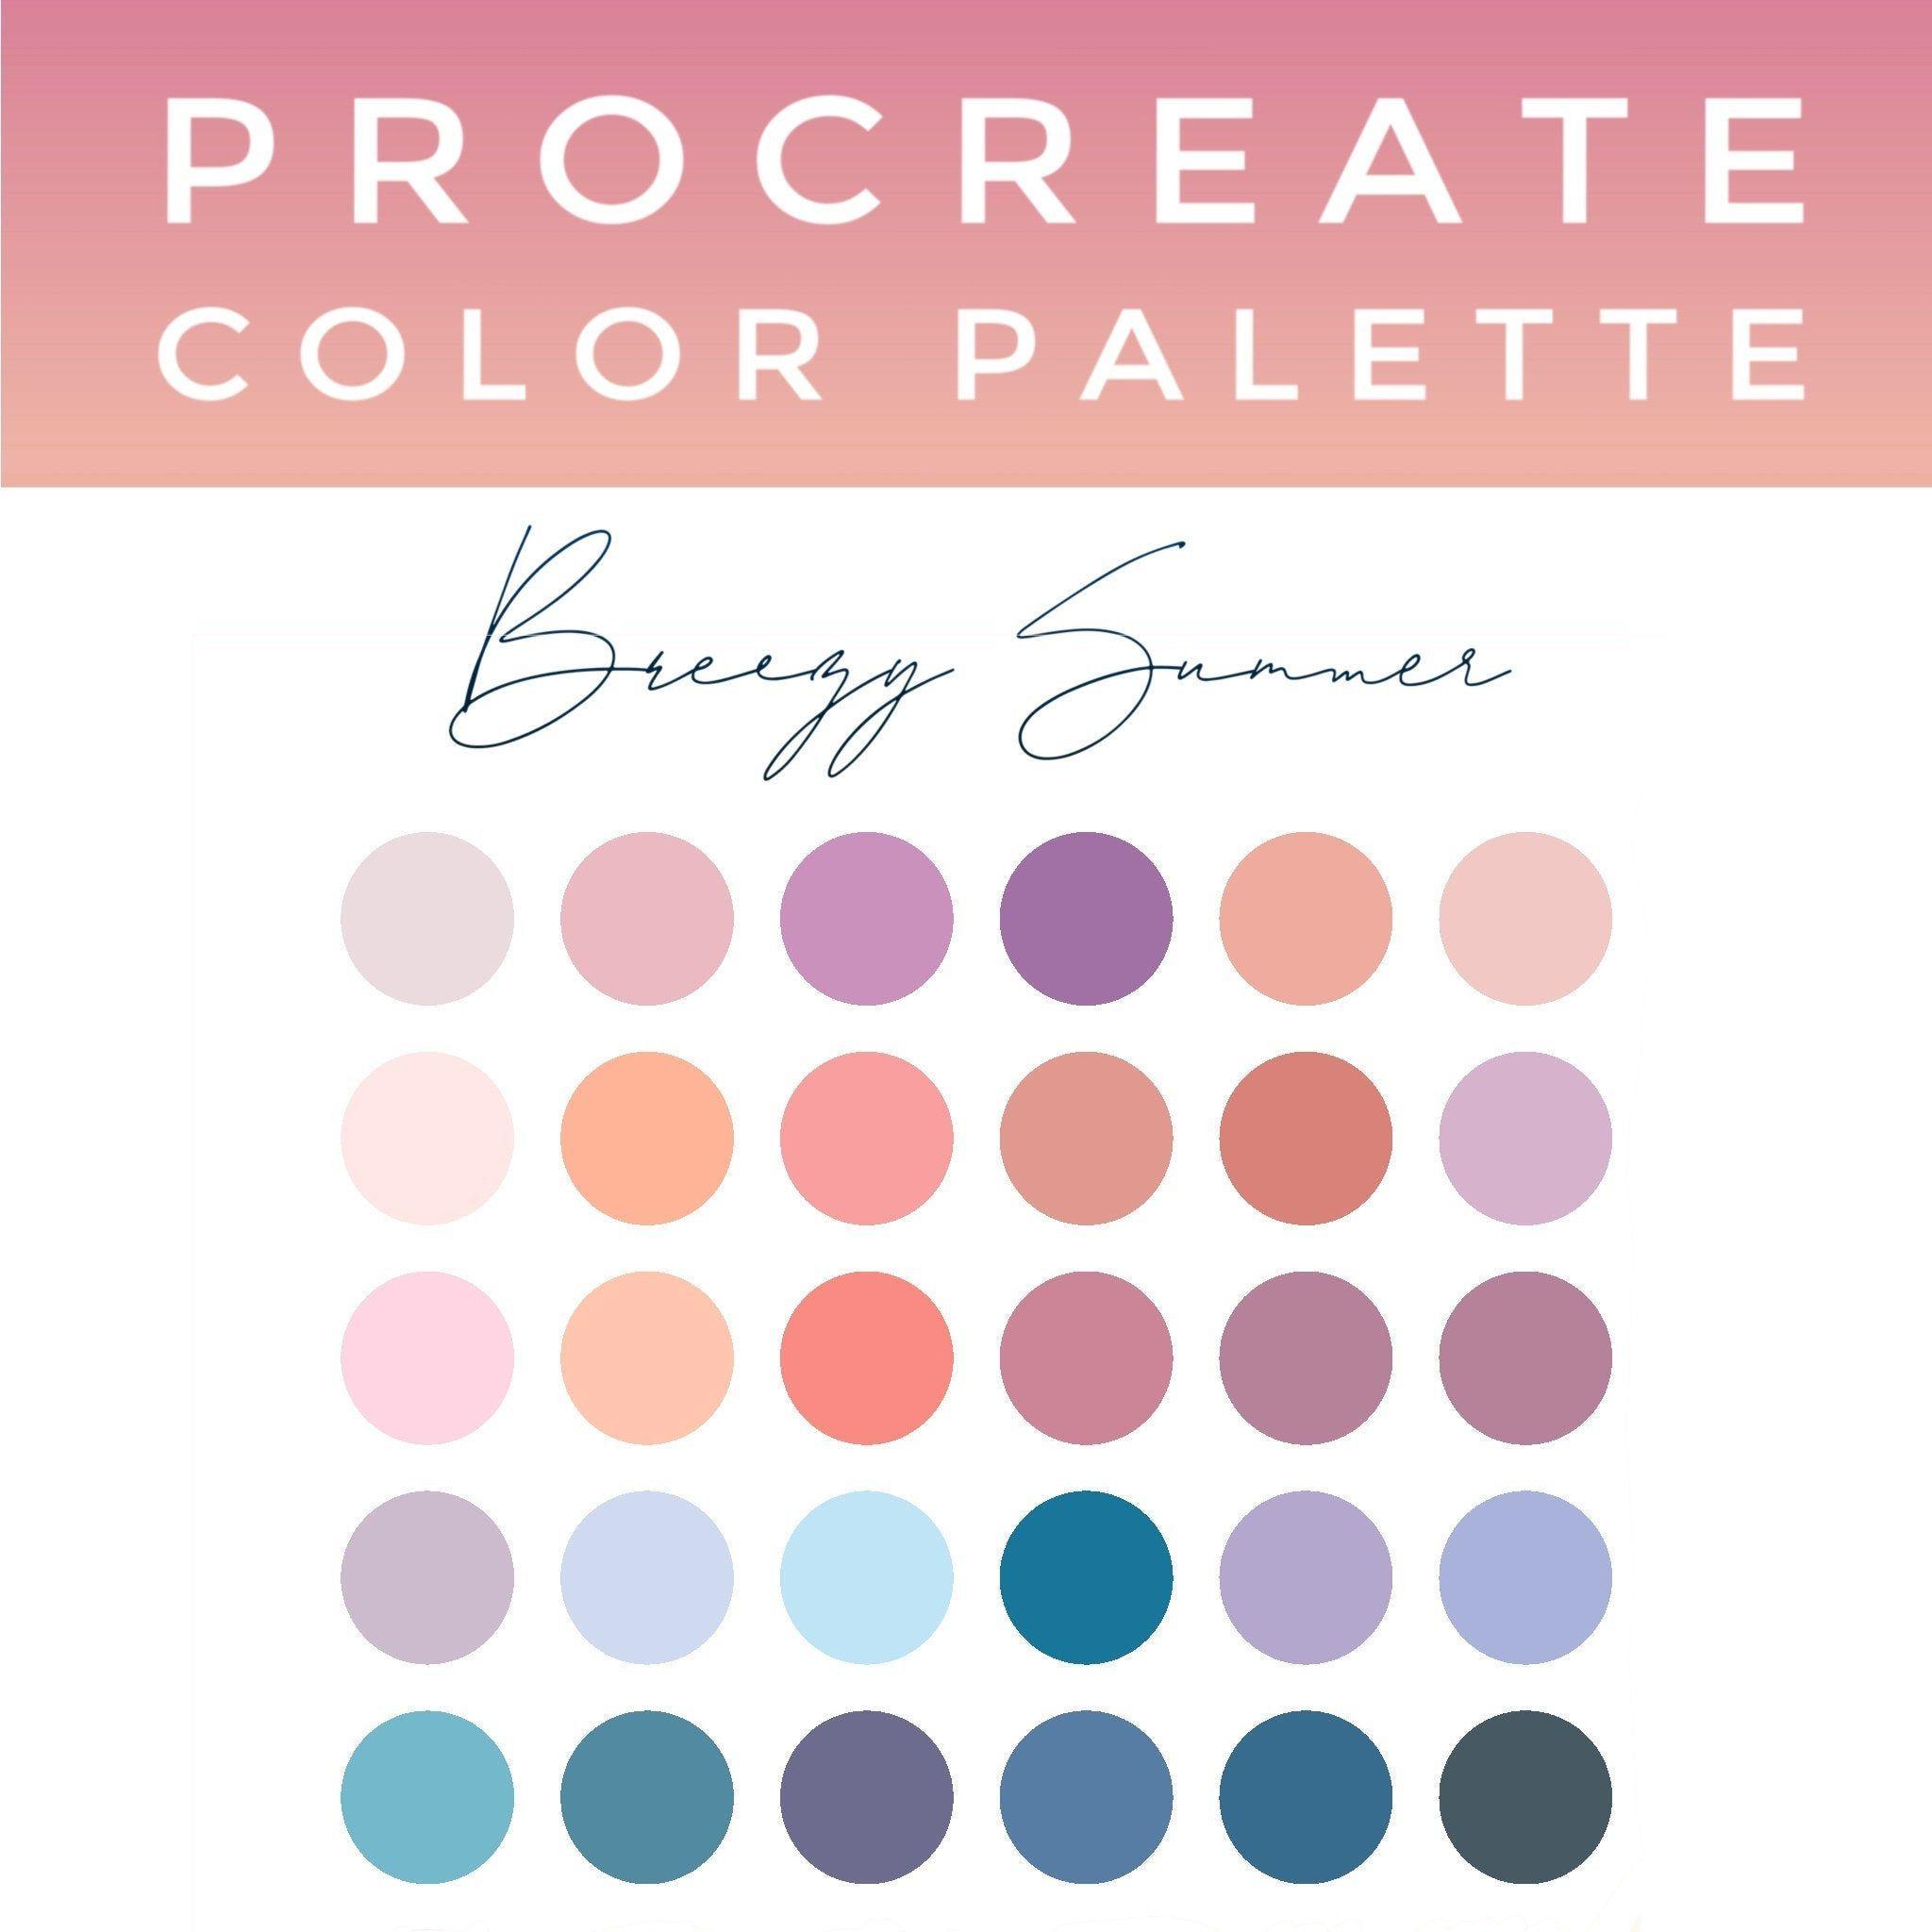 Procreate Color Palette Instant Download Color Trend 2020 Etsy In 2020 Pastel Colour Palette Color Palette Summer Color Palette